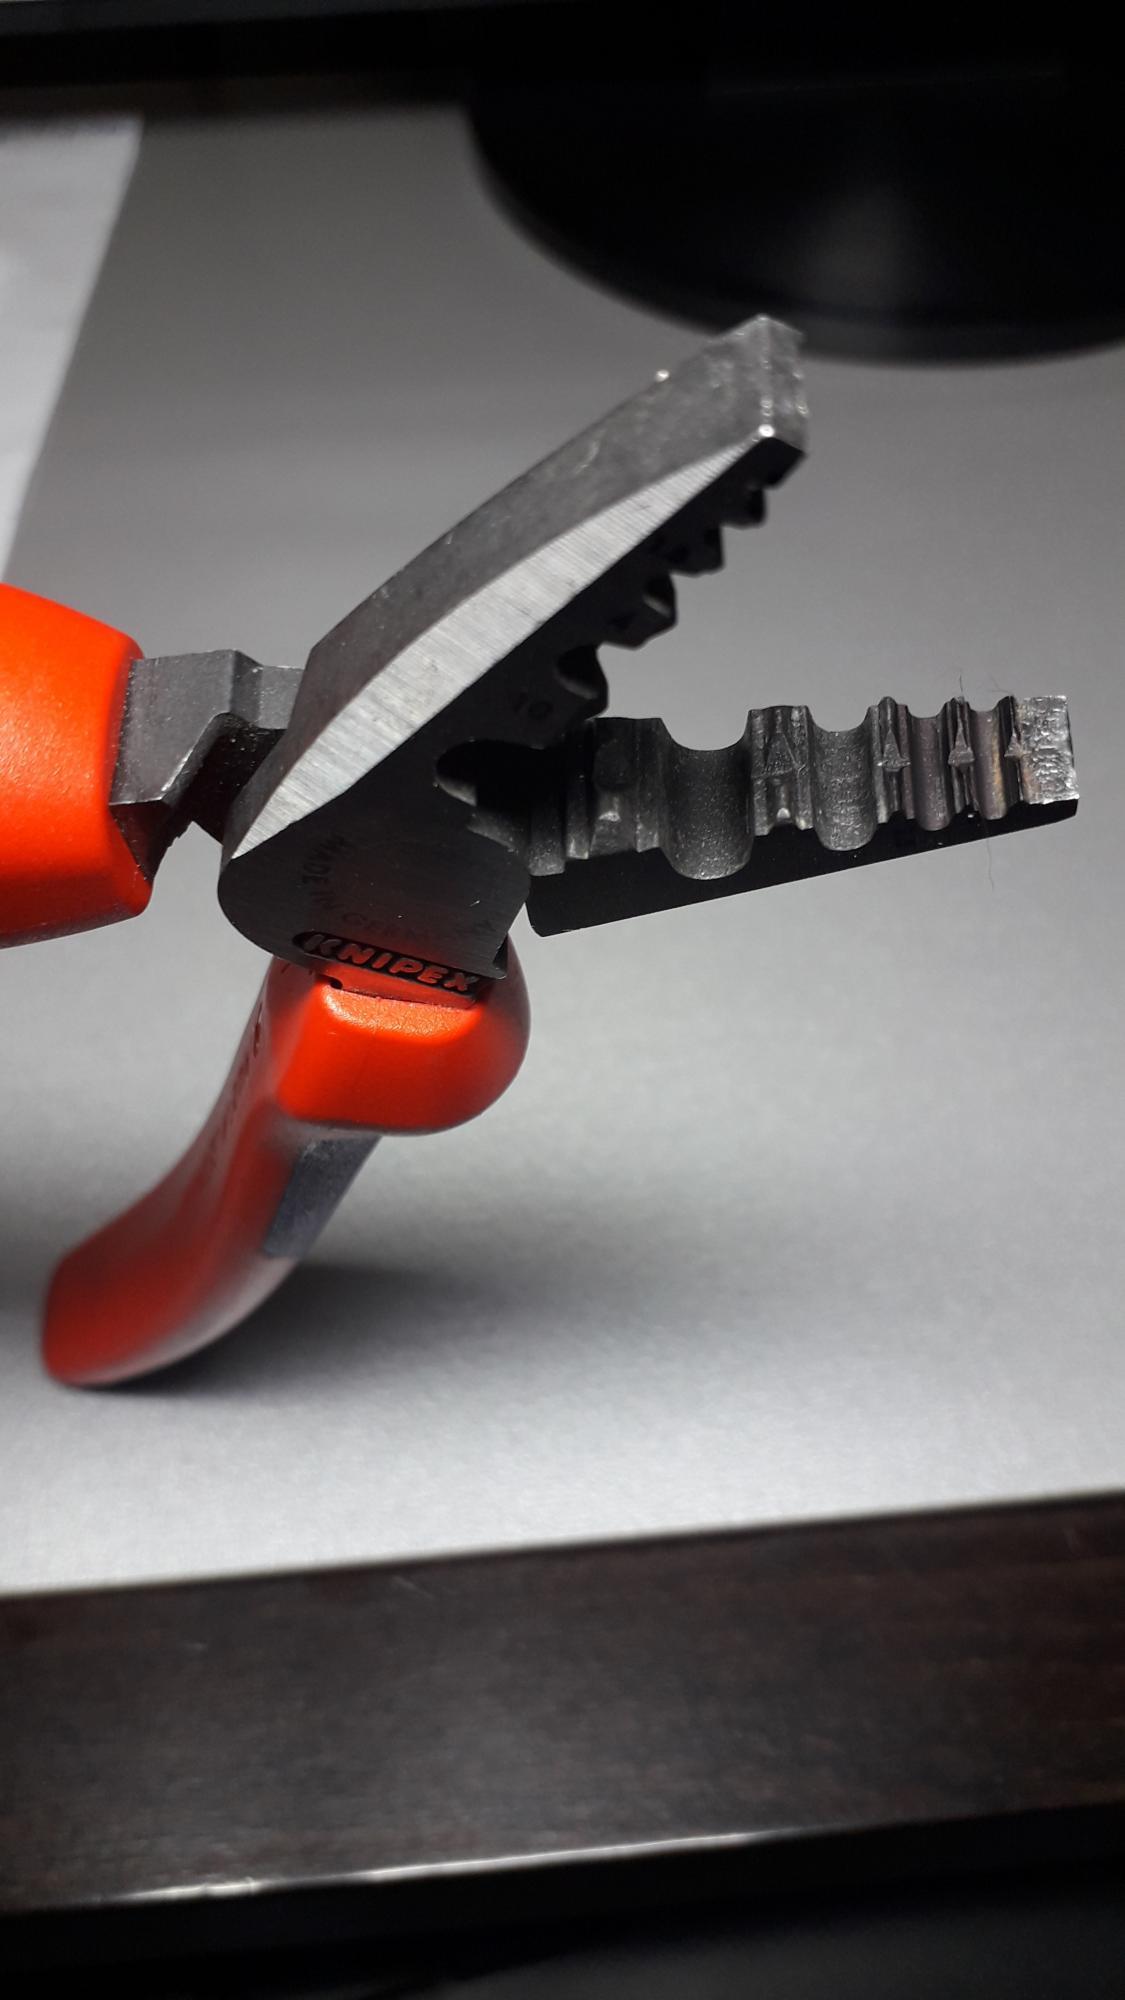 Ручной обжимник Knipex KN-9772180 в Домодедово 89099361130 купить 3